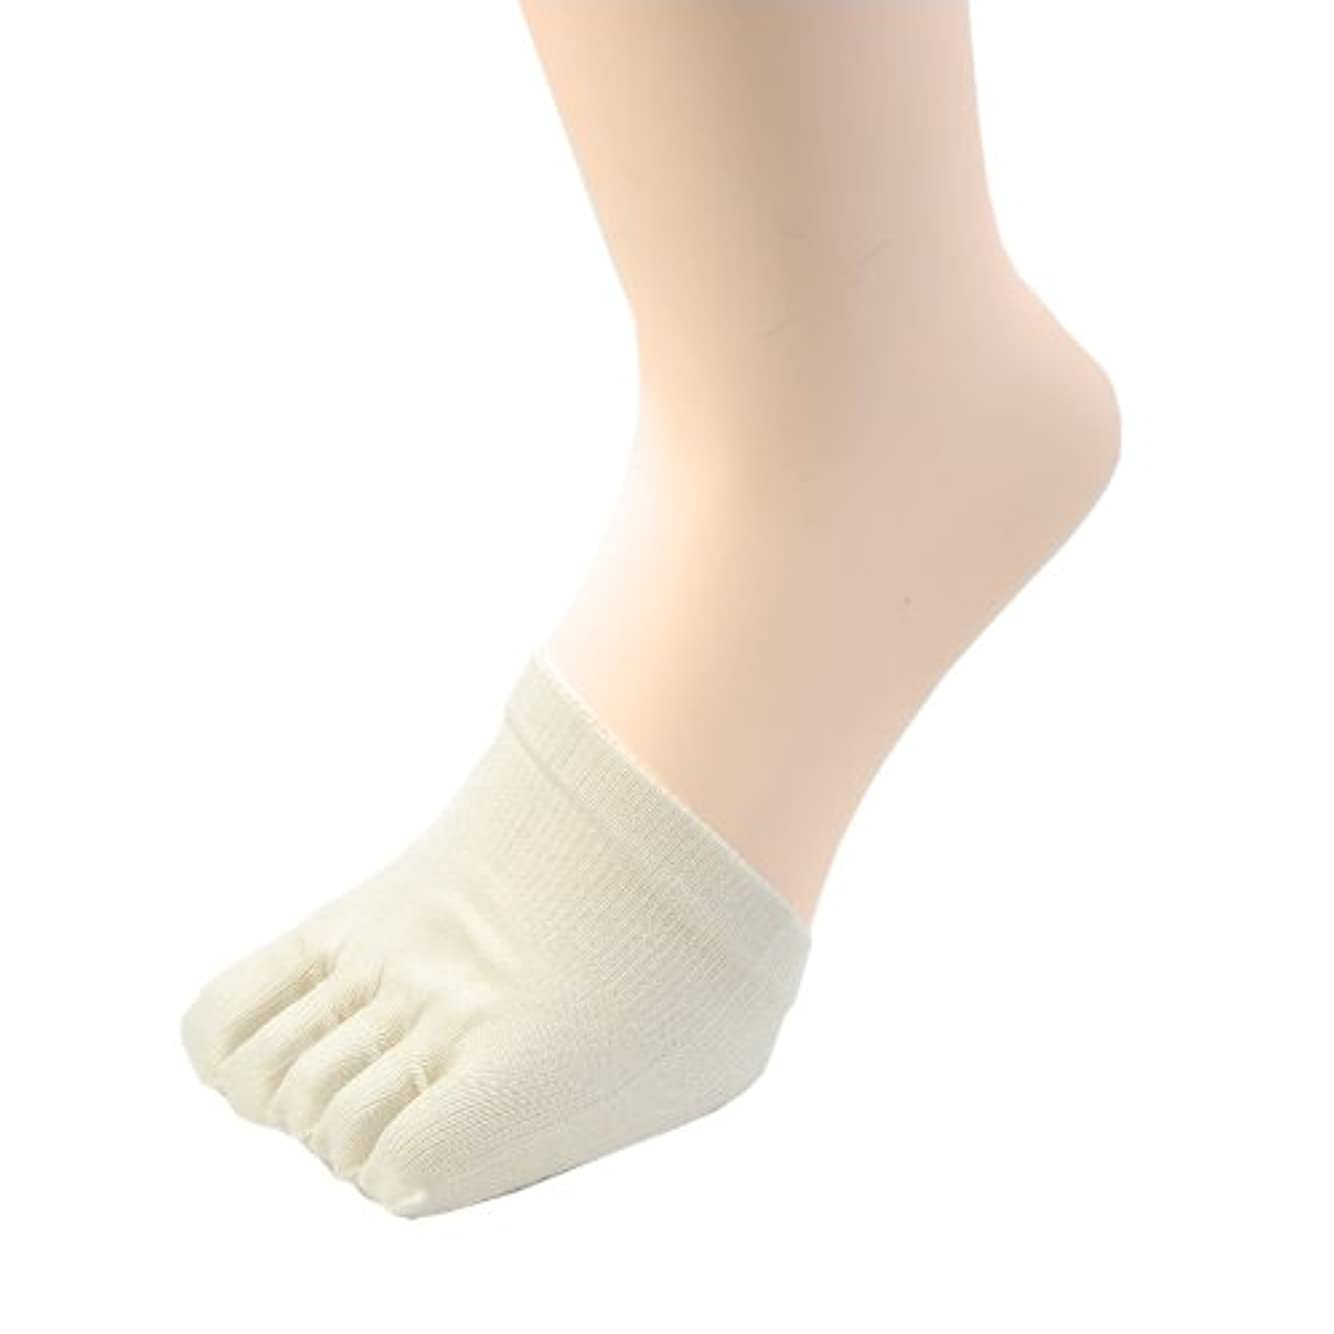 アドバンテージ回路衝突冷えとり 絹 ( シルク )100% ハーフ 5本指 下履き (クツしたイン) ソックス 着圧健康ソックスの必需品! 2足組 #685